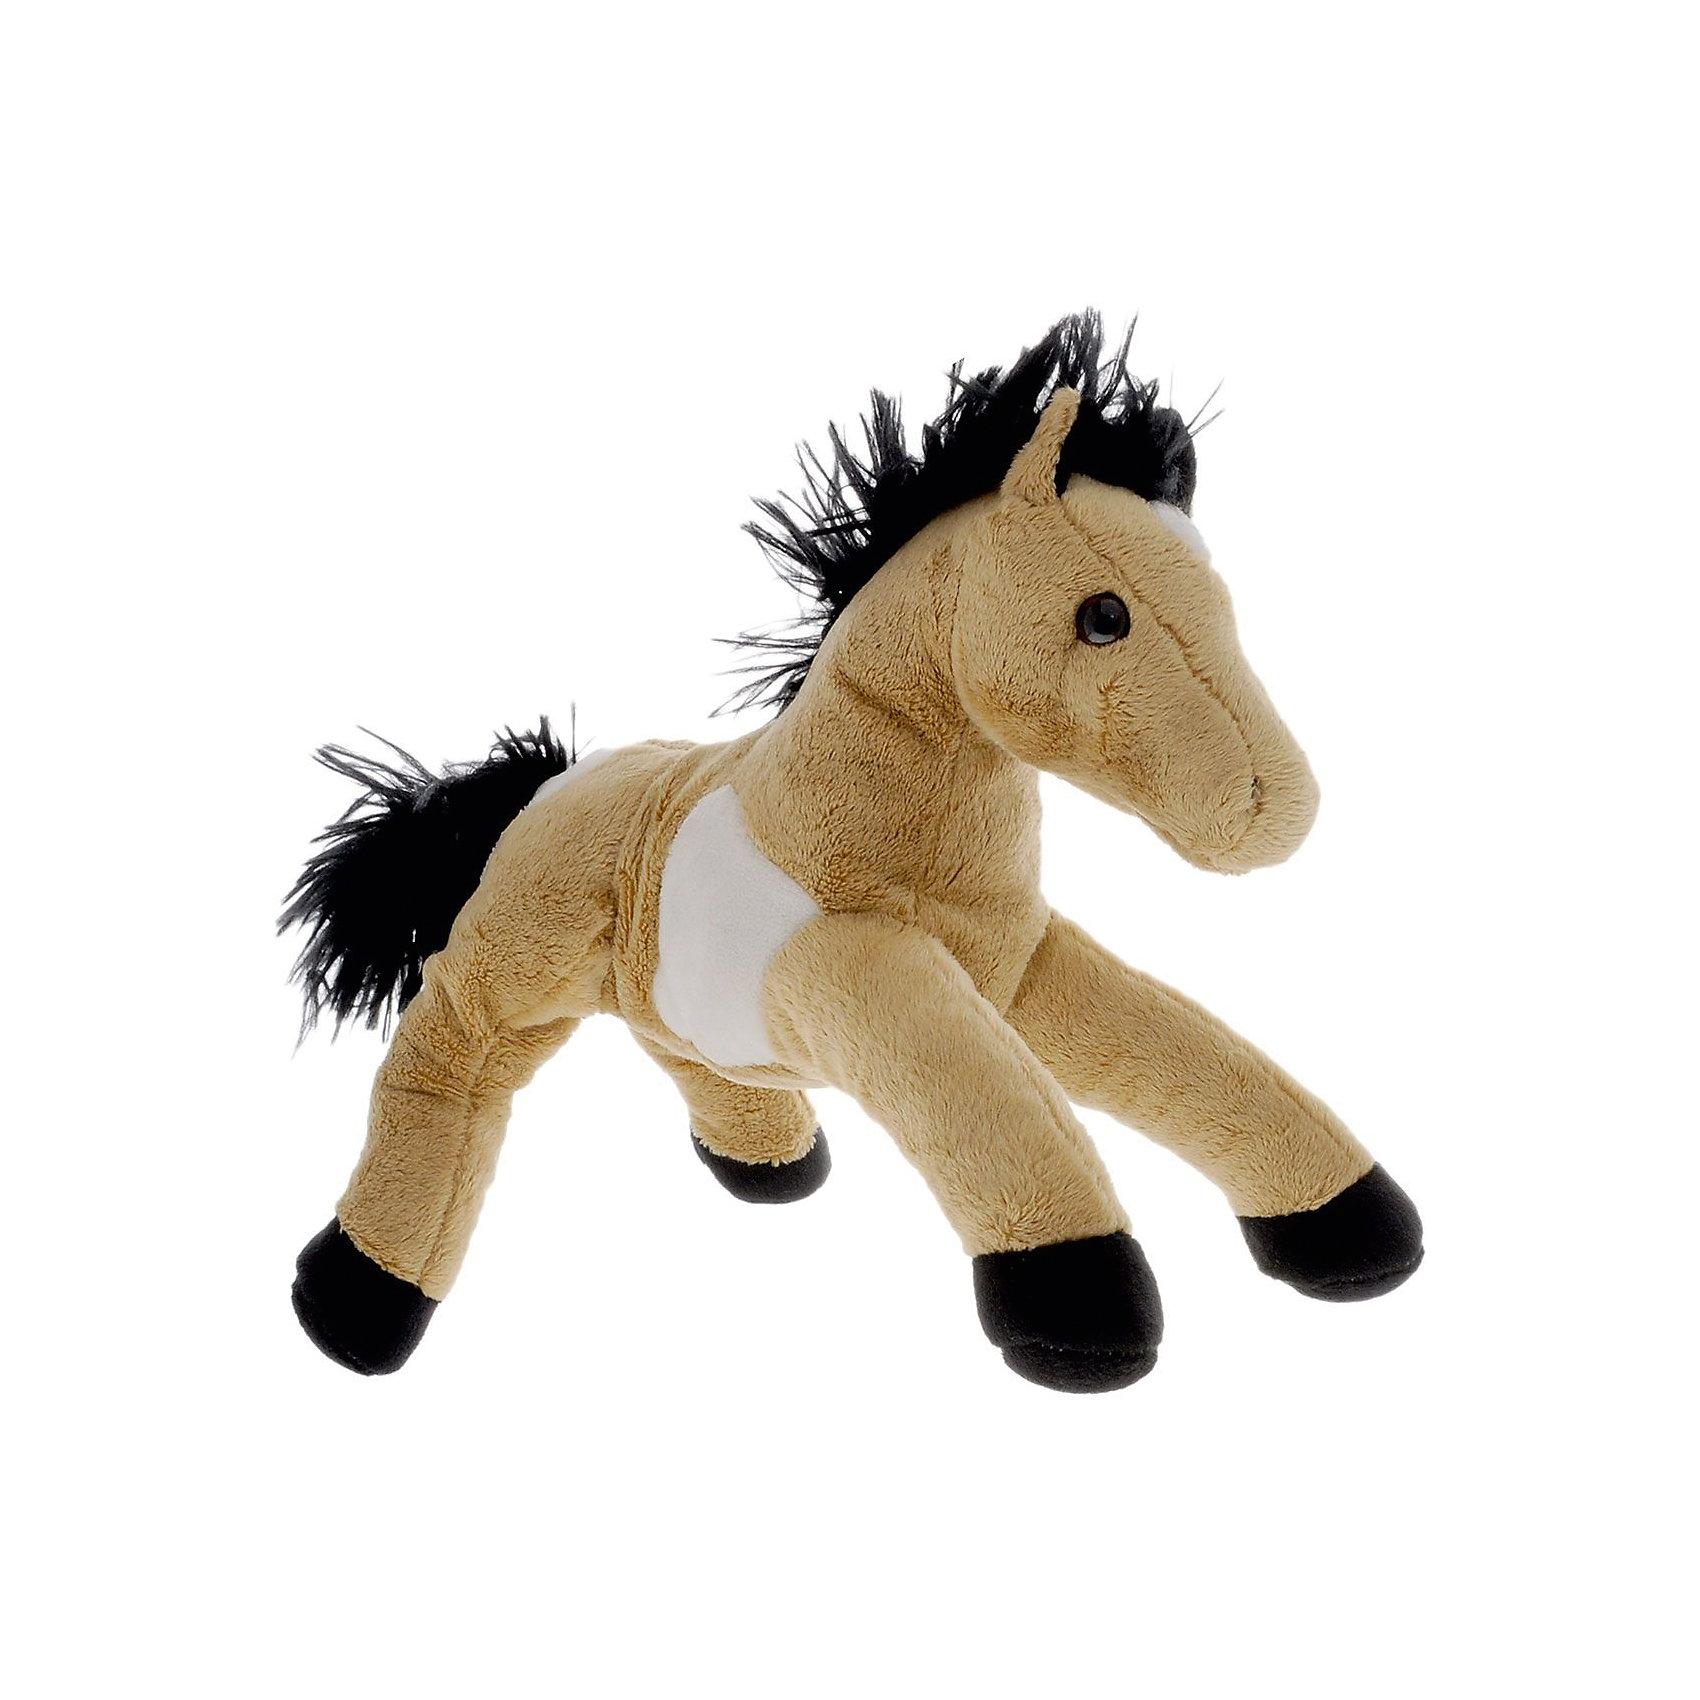 Пятнистая лошадь, FancyЗвери и птицы<br>Милая пятнистая лошадка всегда будет с Вашим ребенком! С ней можно играть, спать или брать с собой на прогулку.<br>Порадуйте ребенка таким милым подарком!<br><br>Дополнительная информация: <br><br>- Возраст: от 3 лет.<br>- Материал: плюш, наполнитель, текстиль, пластик.<br>- Размер упаковки: 13х14х31 см.<br>- Вес в упаковке: 85 г.<br><br>Купить пятнистую лошадь от Fancy, можно в нашем магазине.<br><br>Ширина мм: 130<br>Глубина мм: 140<br>Высота мм: 310<br>Вес г: 85<br>Возраст от месяцев: 36<br>Возраст до месяцев: 2147483647<br>Пол: Унисекс<br>Возраст: Детский<br>SKU: 5025382